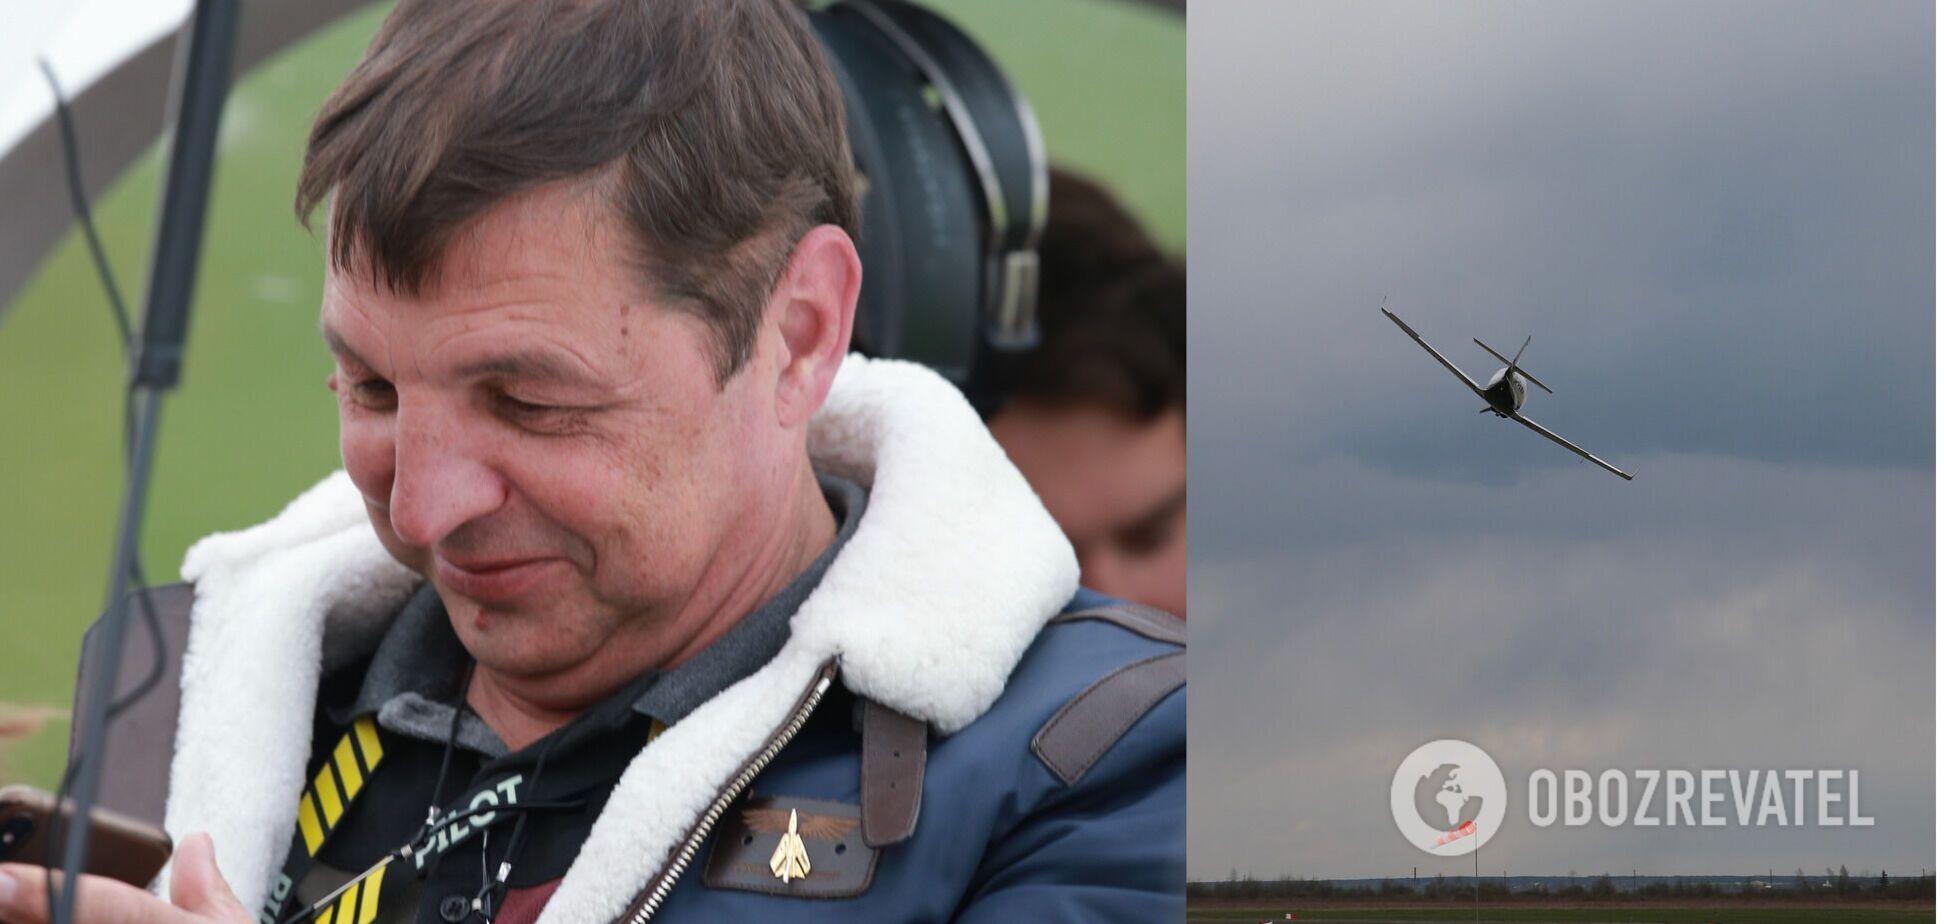 На Прикарпатті легкомоторний літак впав на будинок, в катастрофі загинув легендарний льотчик. Фото та відео